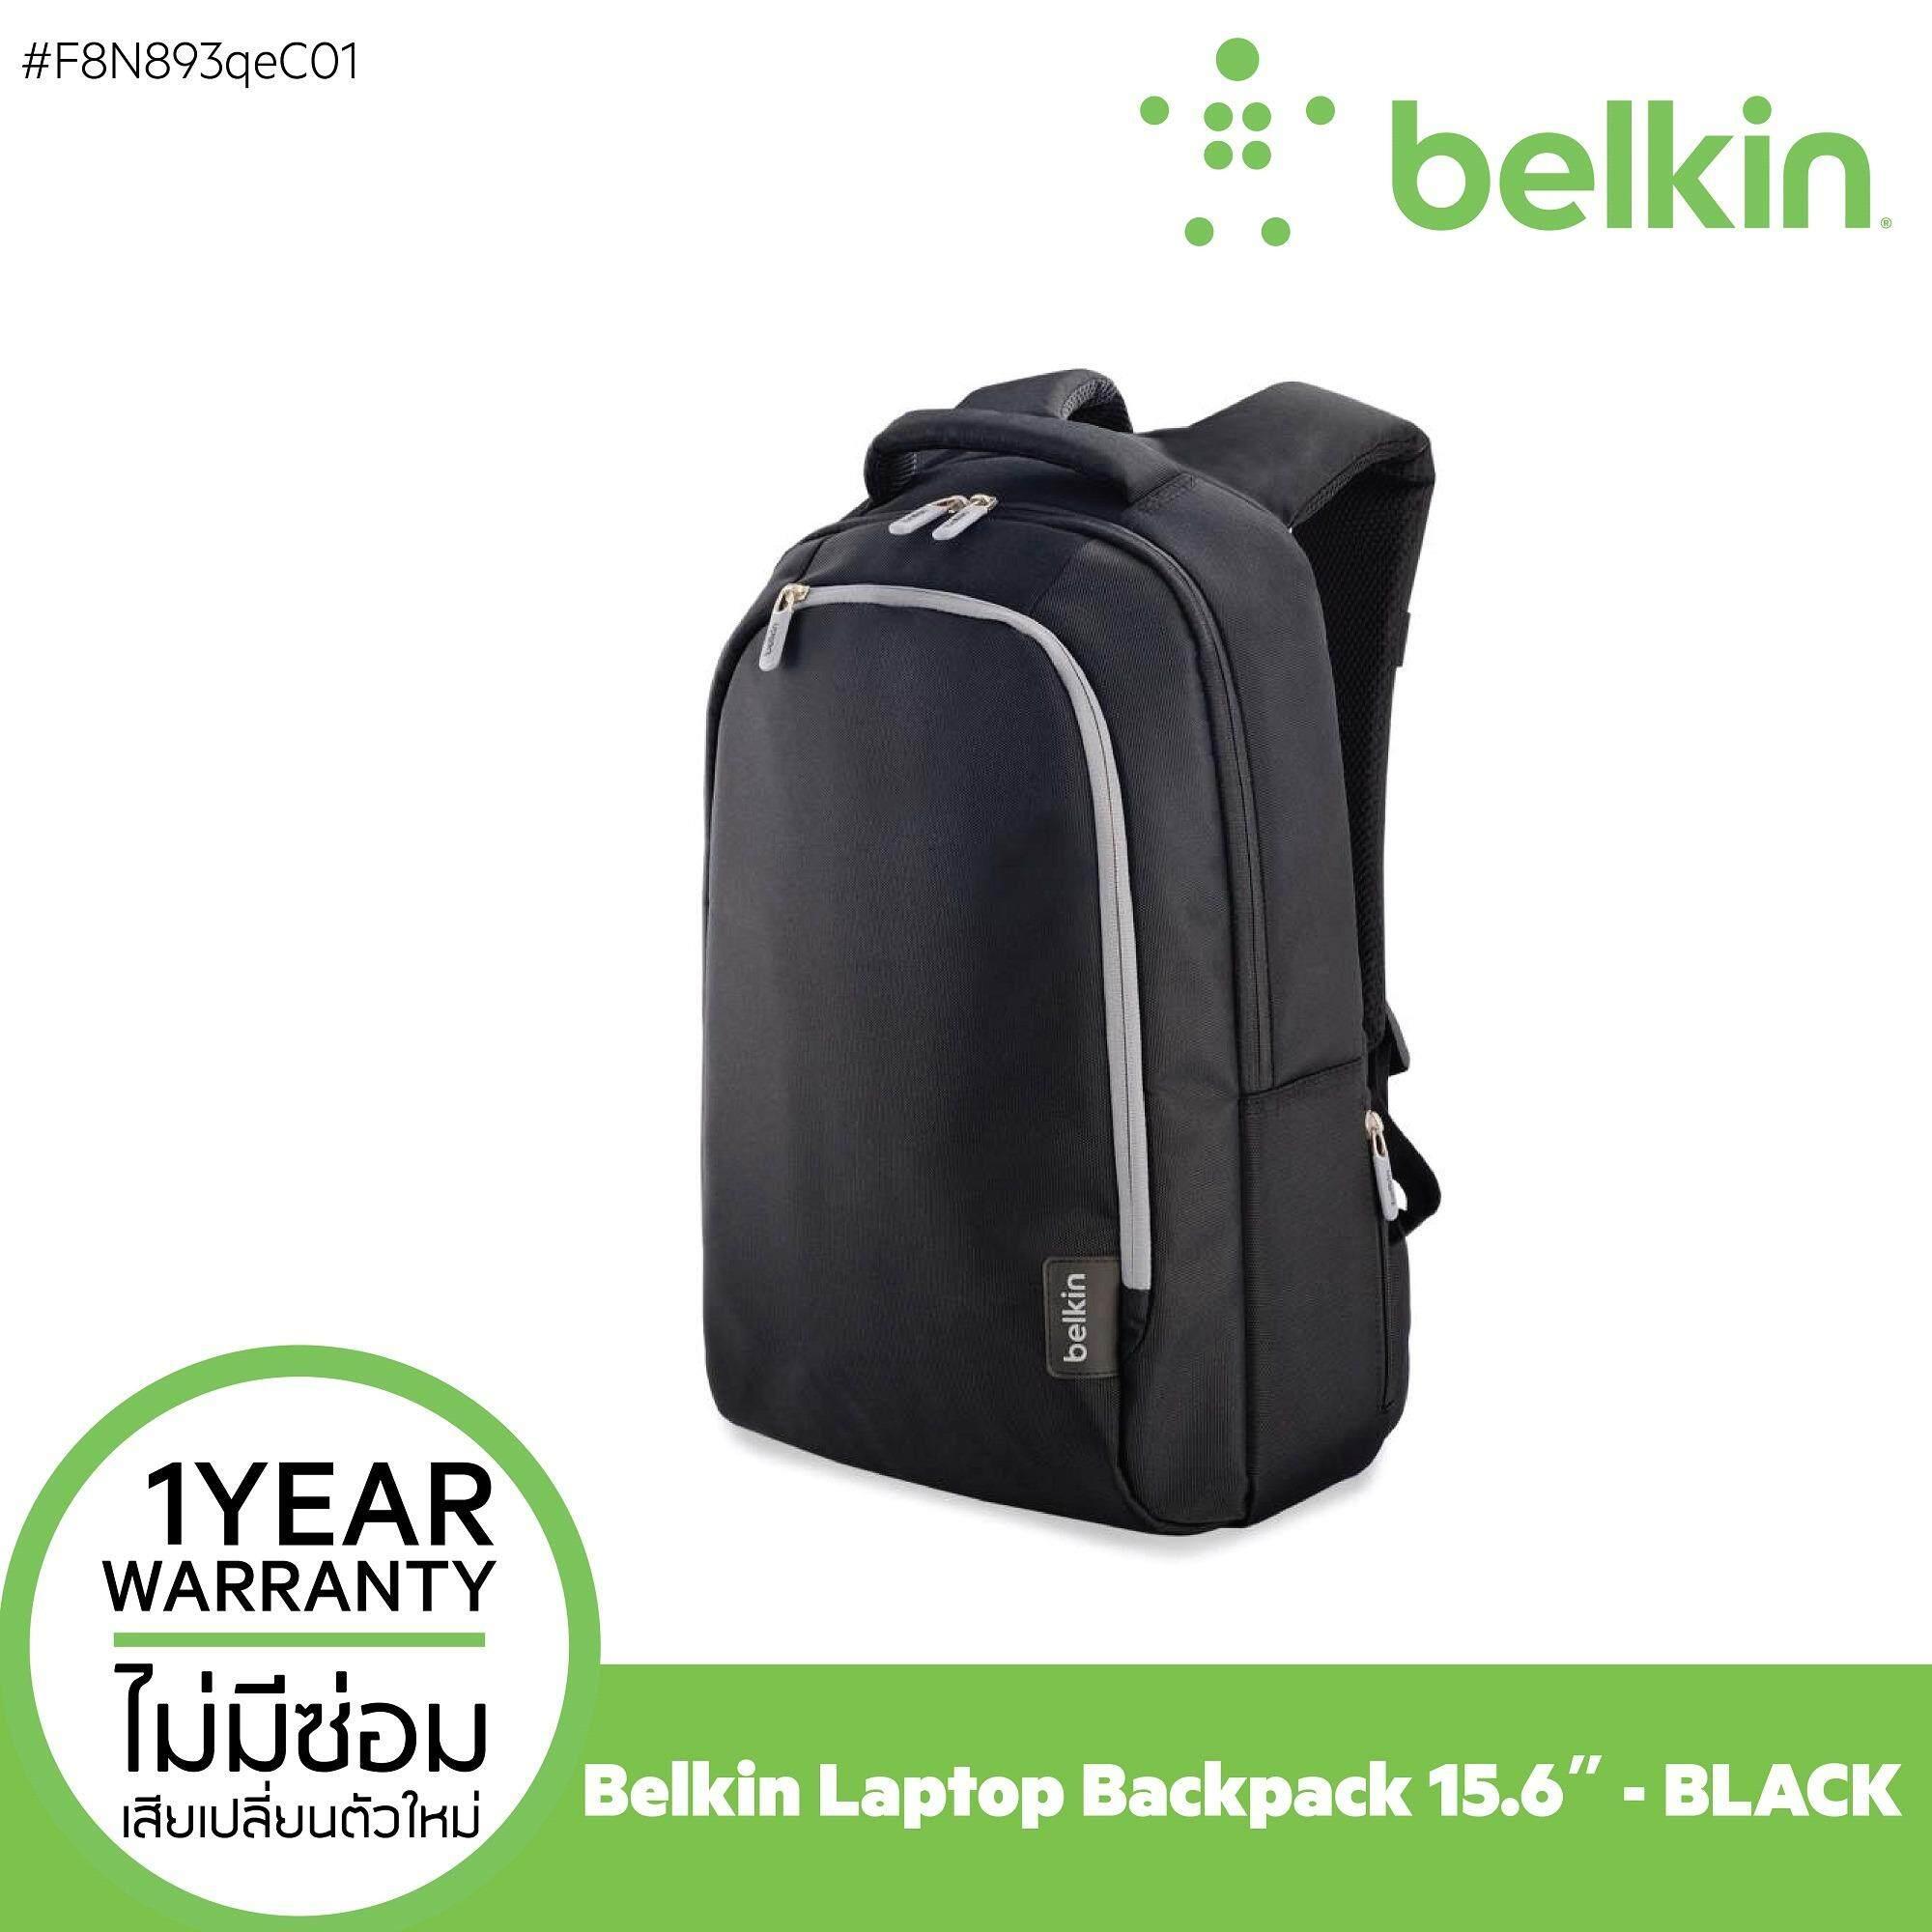 โปรโมชั่น Belkin กระเป๋าสะพายหลัง Backpack 15 6 Laptop Black Gray Belkin ใหม่ล่าสุด